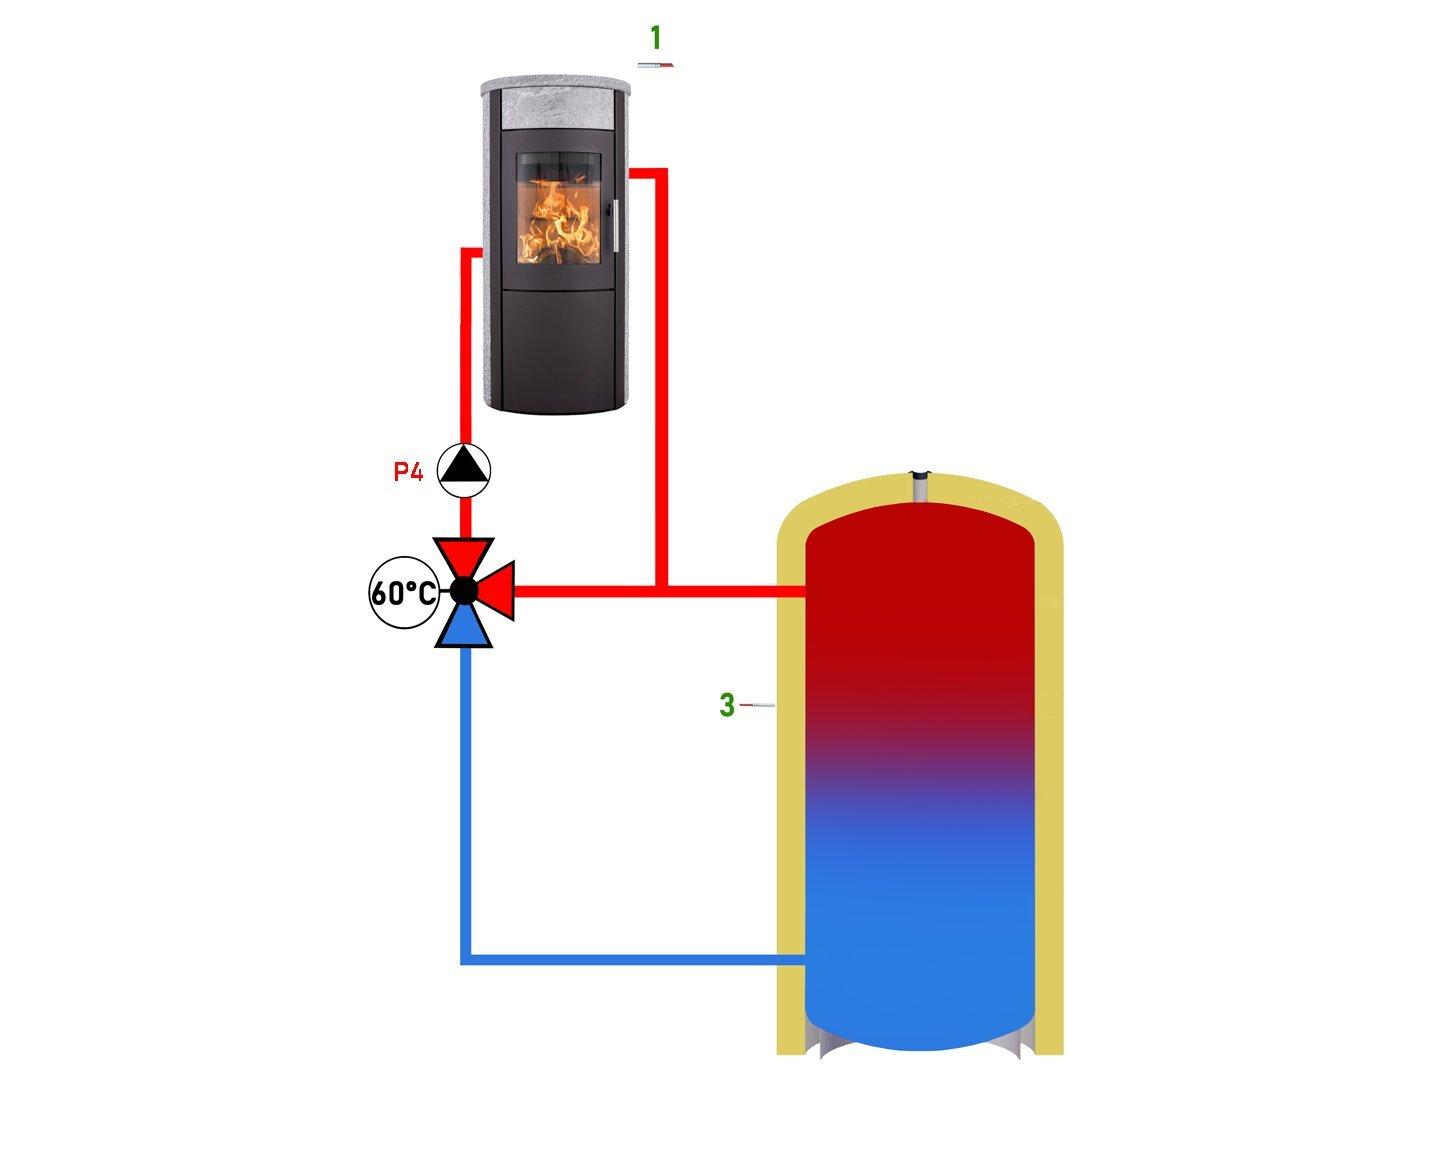 Temperaturregler Differenzregler Tds 503 Holzkessel Wasserführende Kaminöfen Sonstige